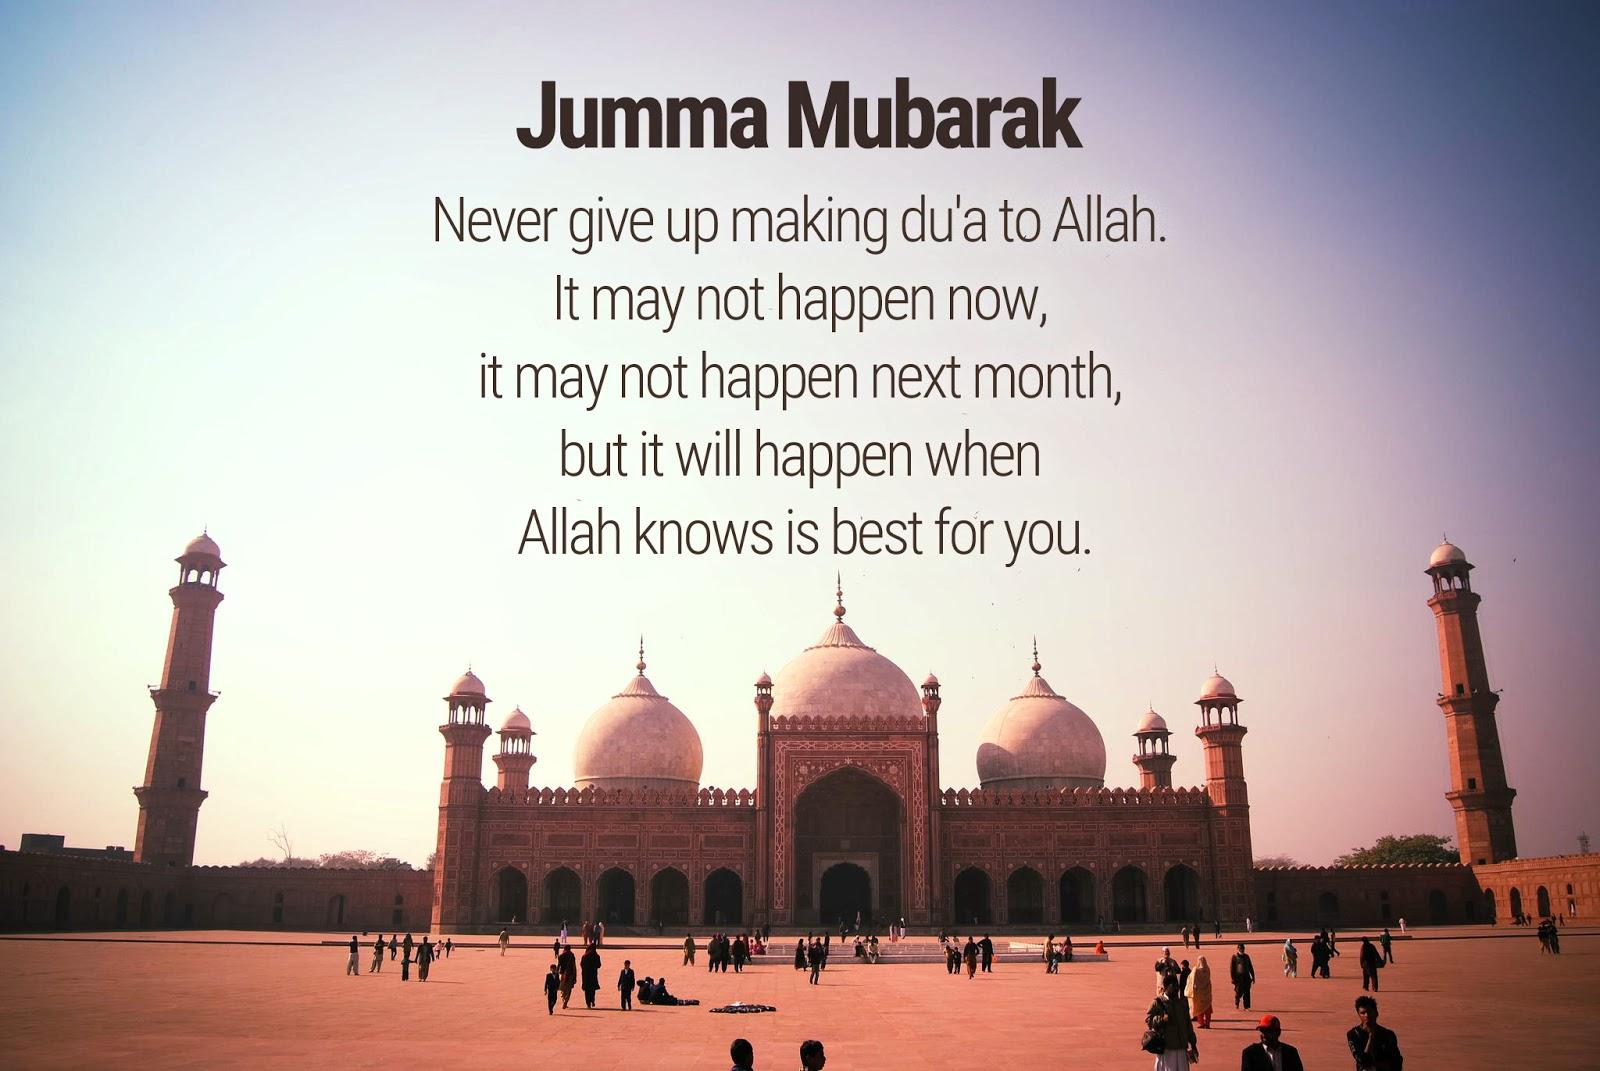 Jumma Mubarak Pictures Top Best Collection Of Jumma Mubarak Pictures